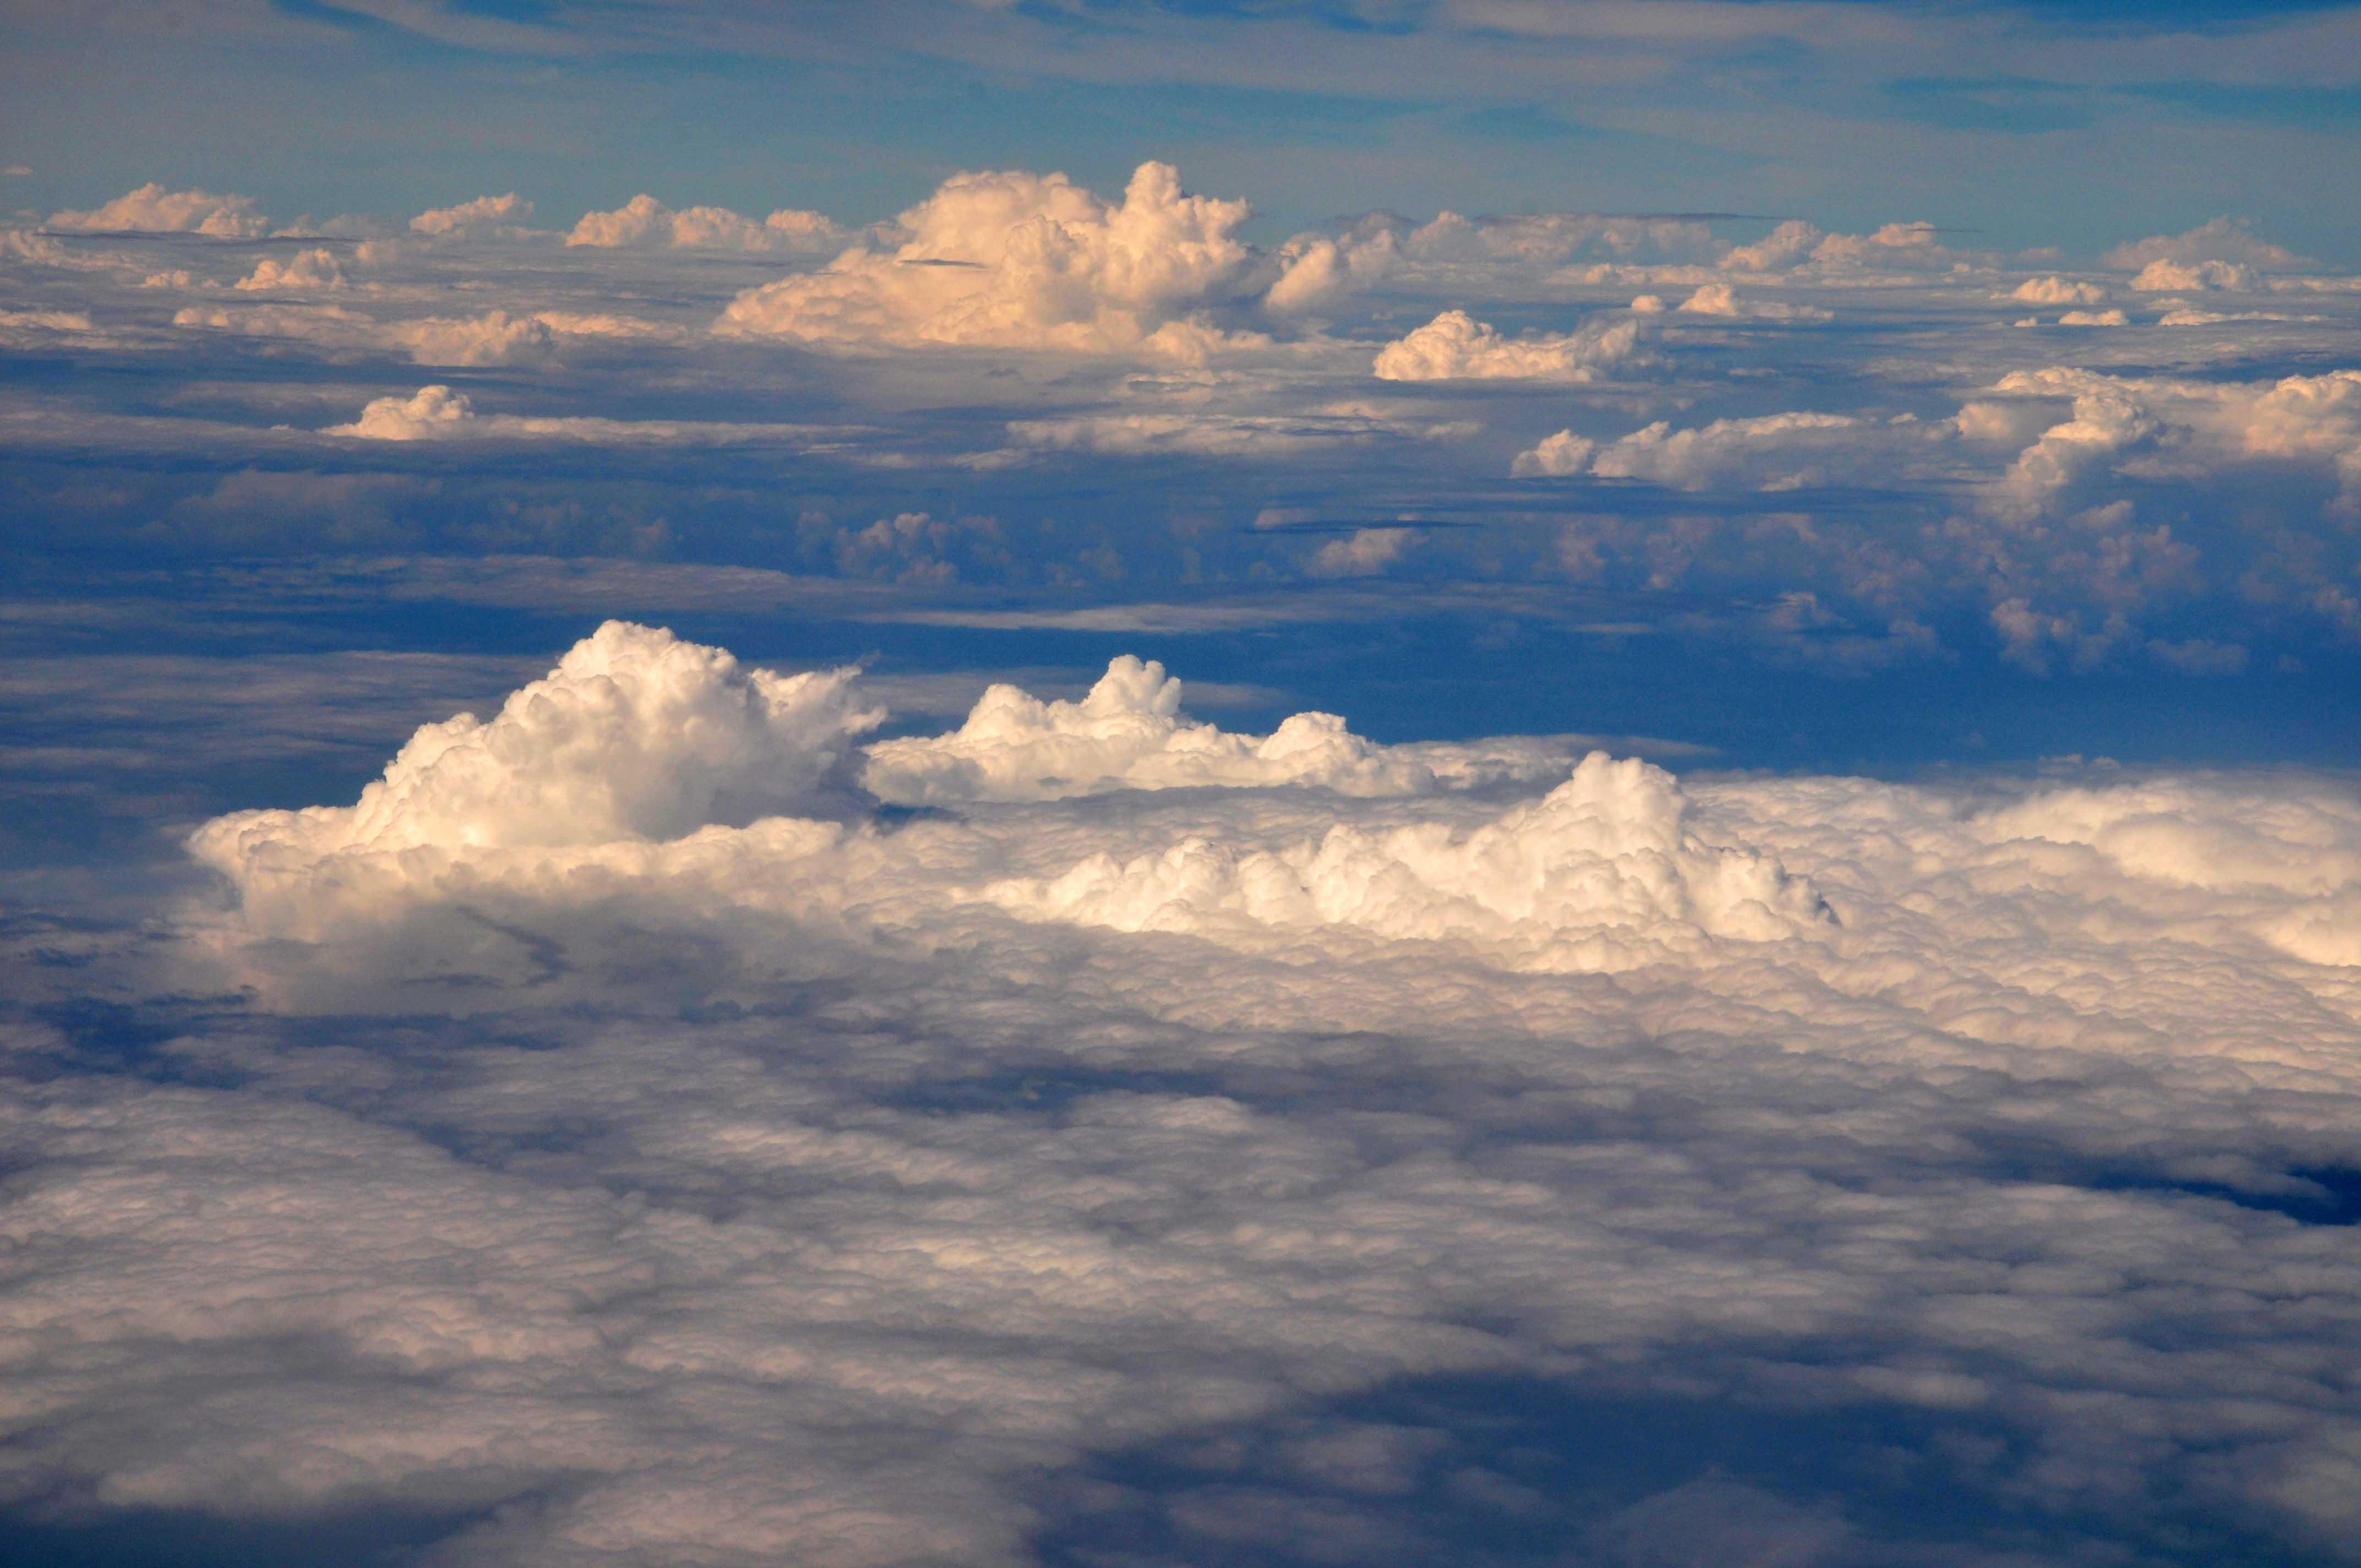 高空云海 - 自然风景 - 数码摄影网论坛 - 摄影交流